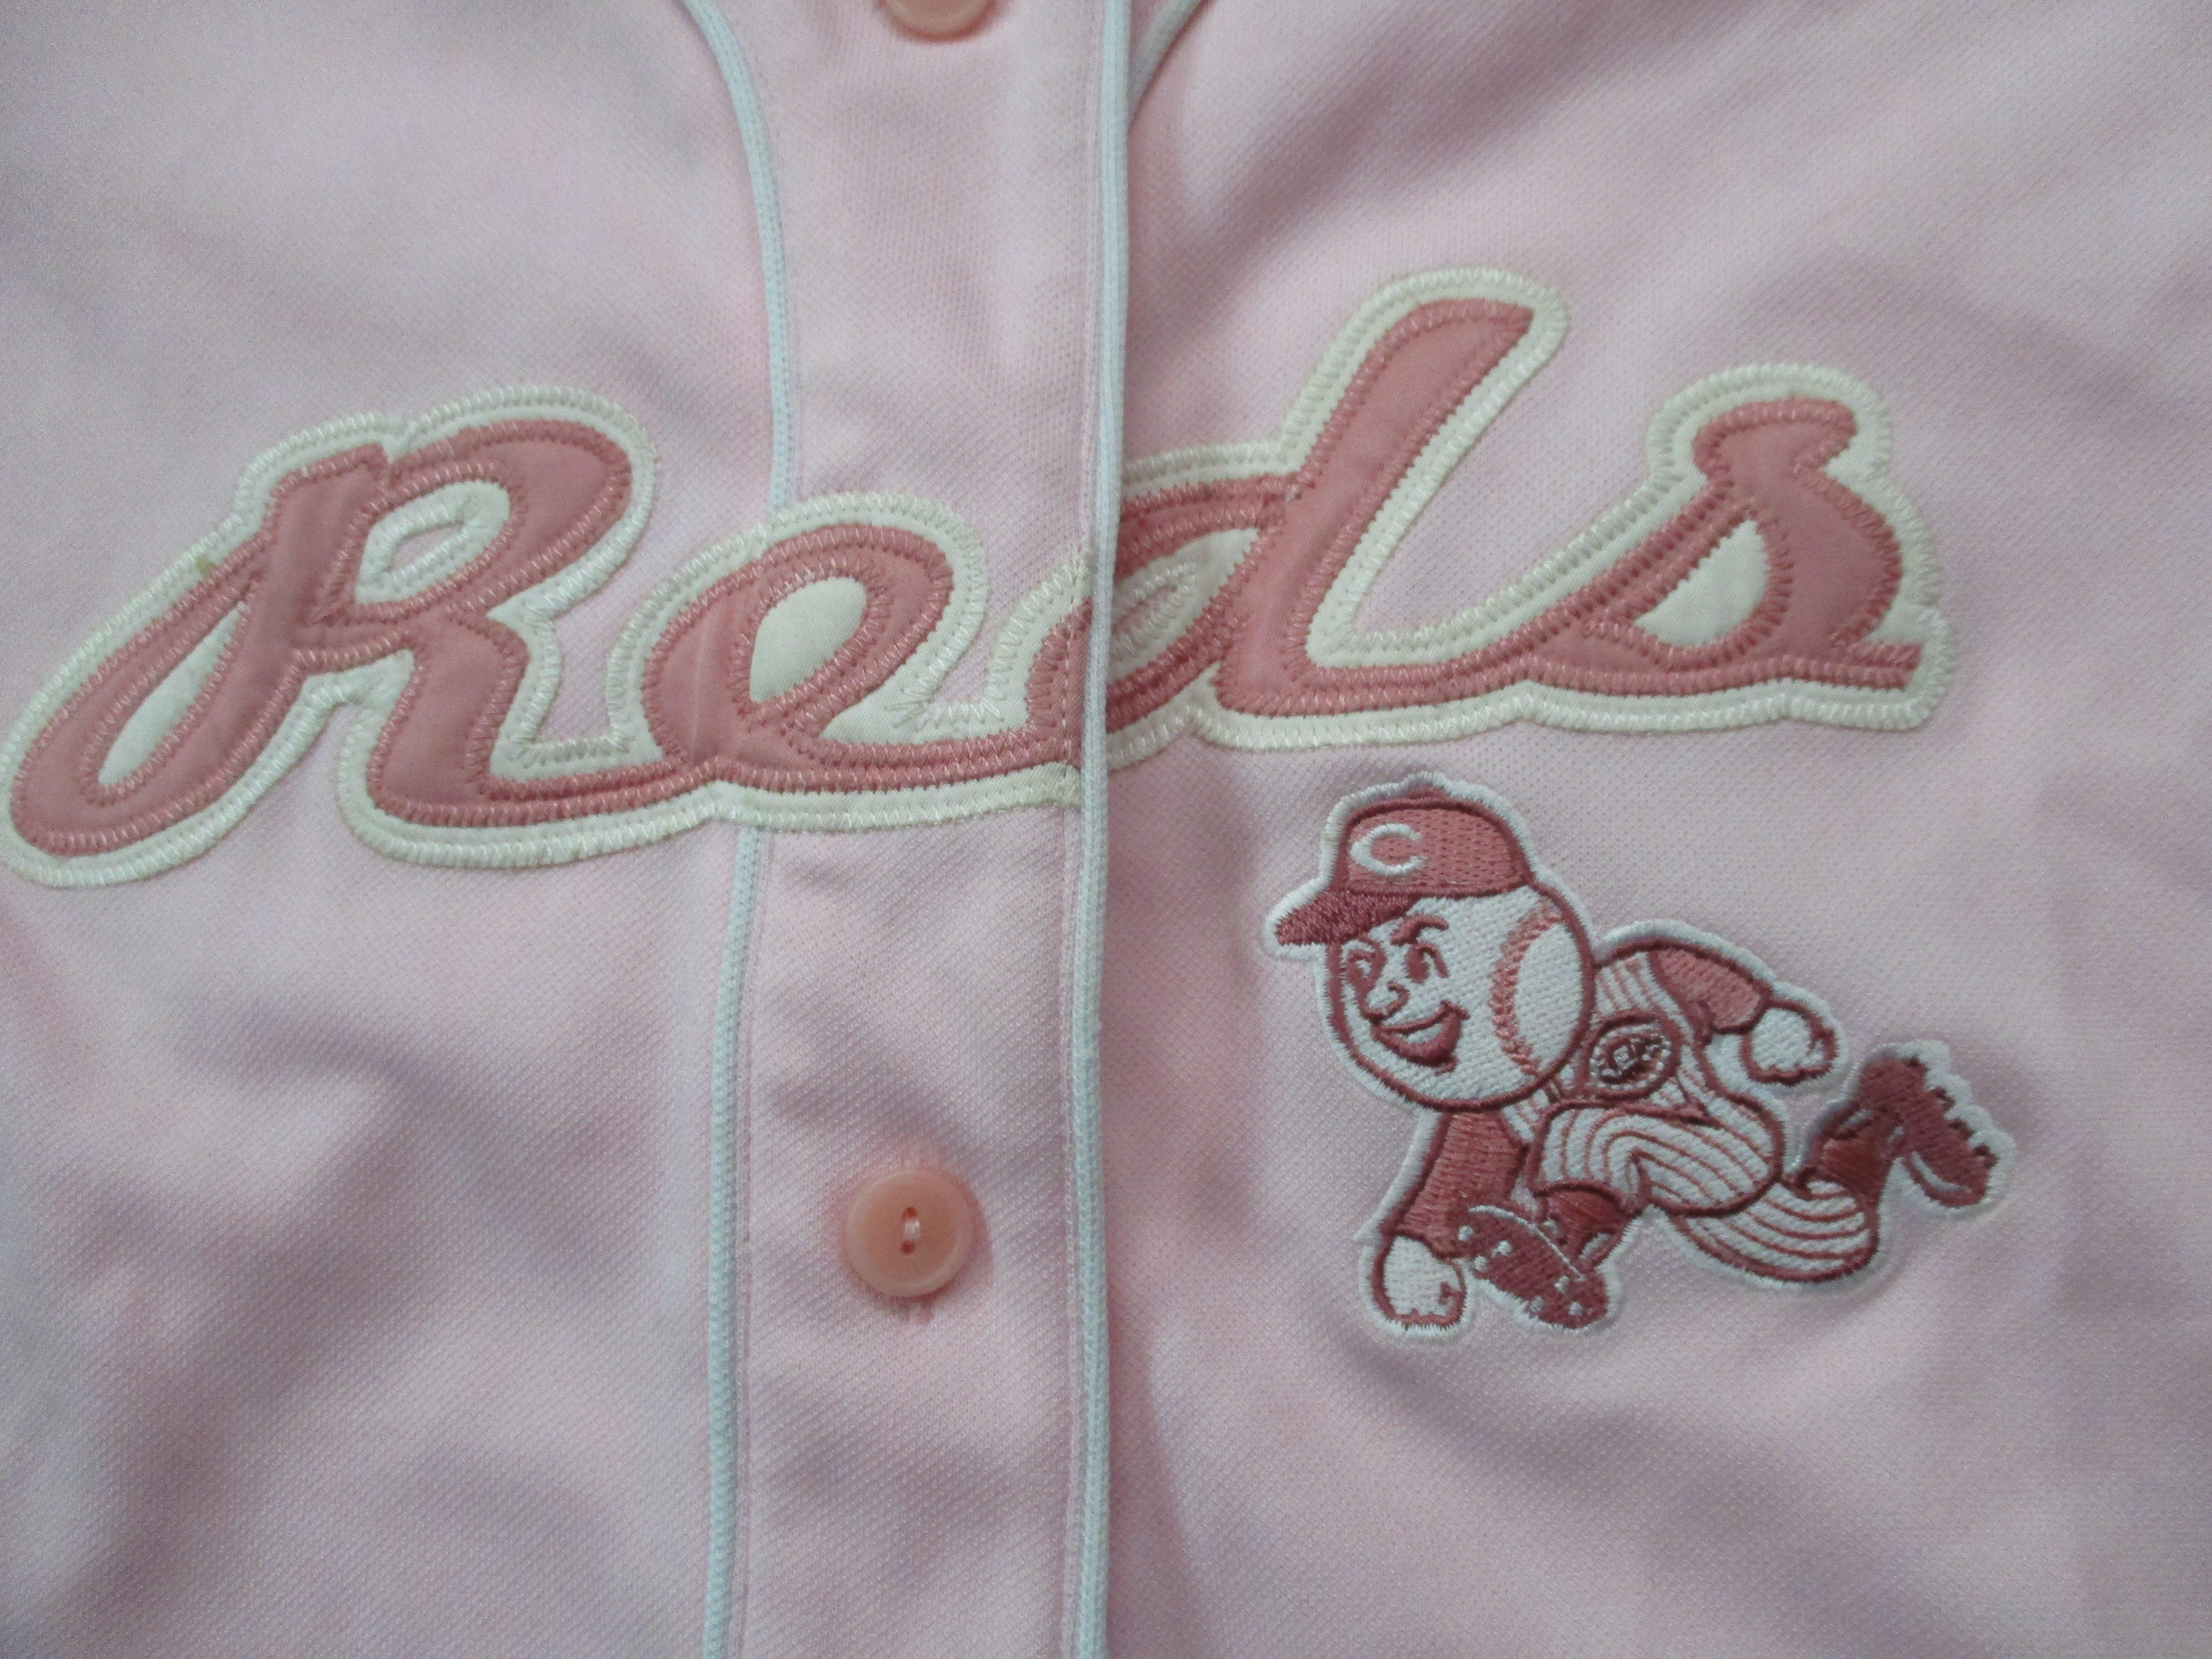 百貨知名專櫃品牌GENUINE MERCHANDISE 美國大聯盟 棒球  運動 休閒 紅襪隊  短袖 外套上衣